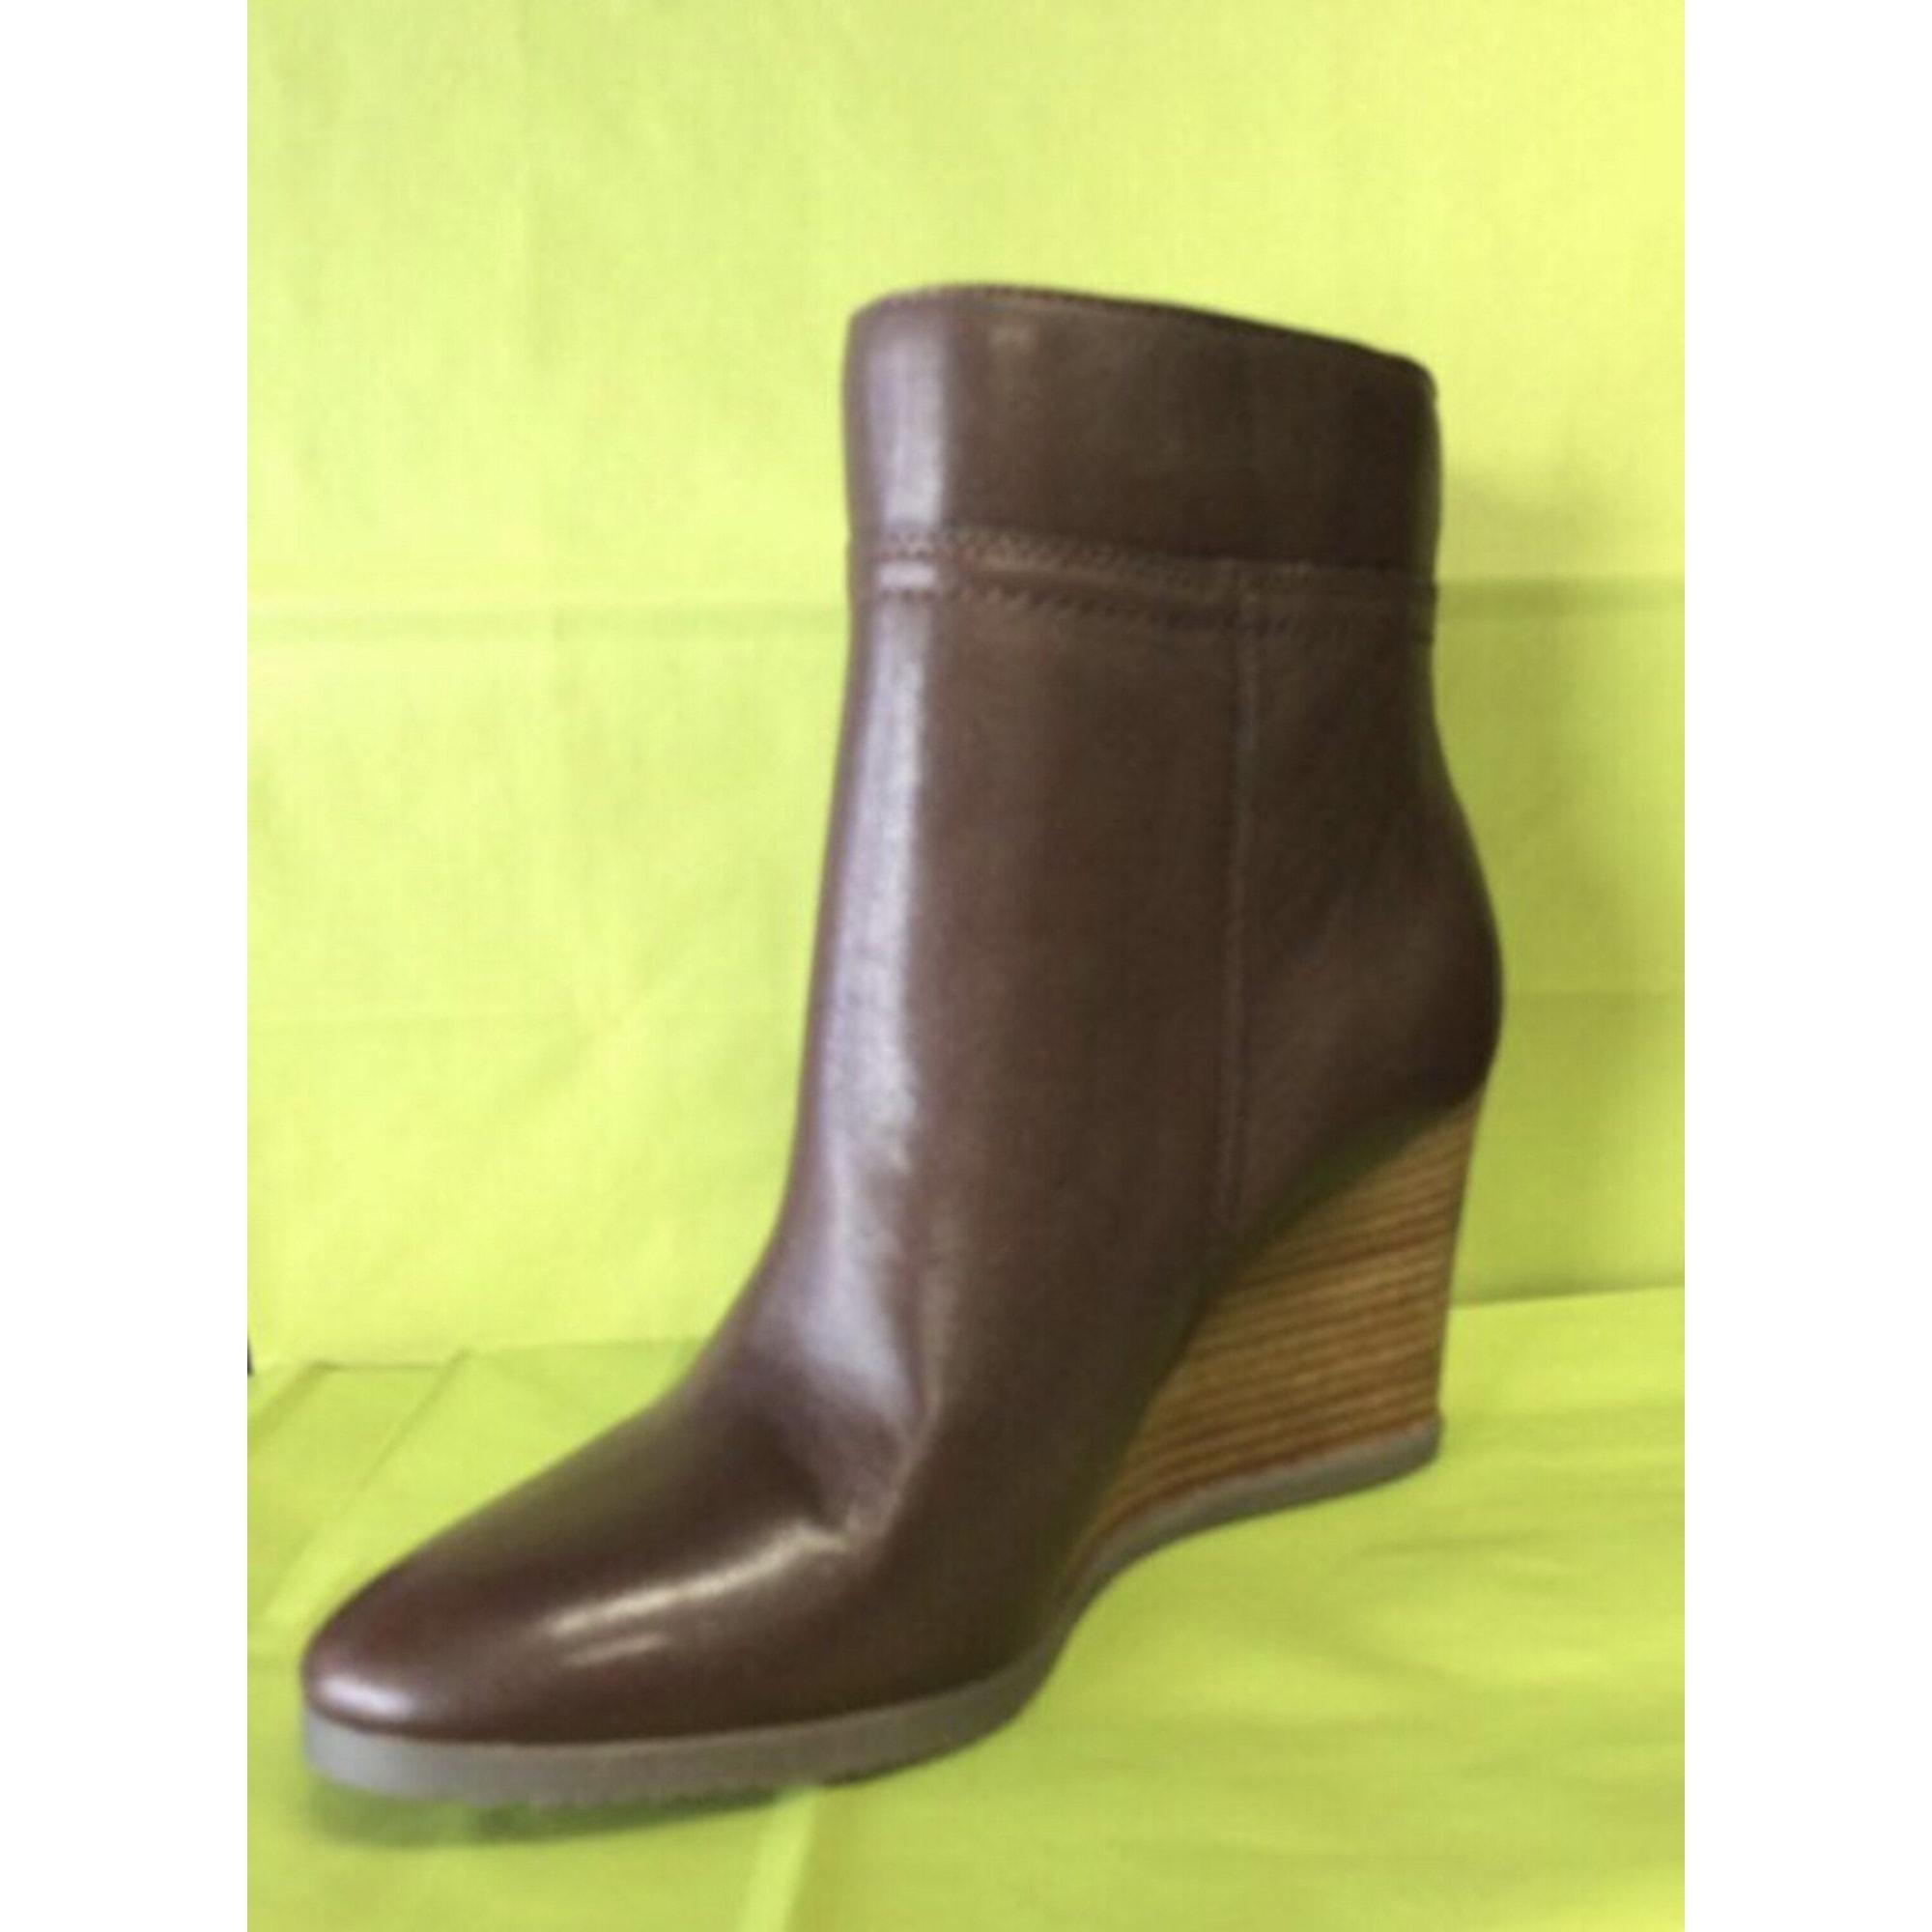 Bottines   low boots à compensés TOMMY HILFIGER 39 marron - 7009890 4cedf88e021d